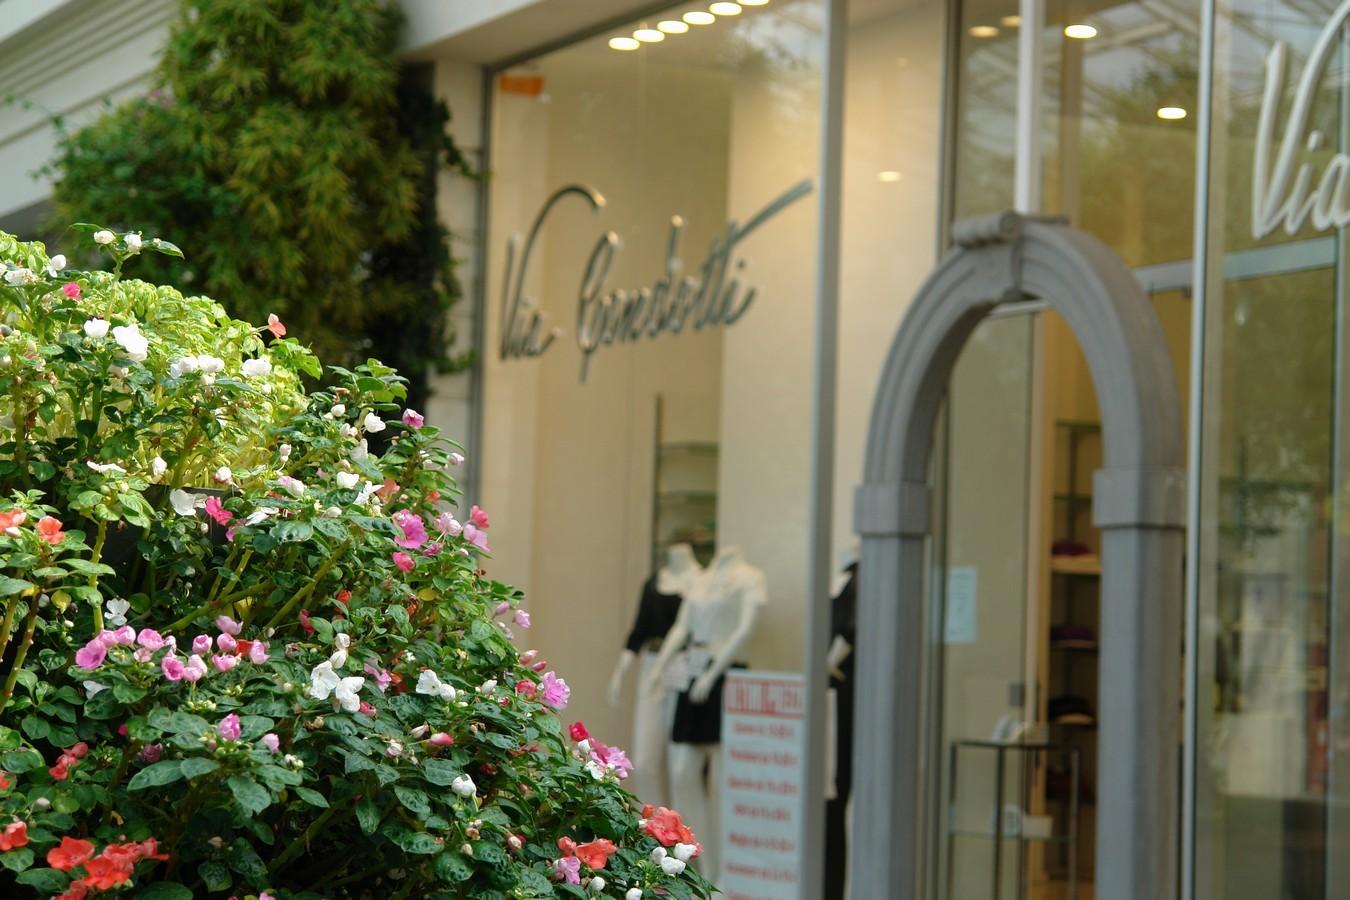 Le Vele - Shopping Mall - Desenzano del Garda - Italy - مراکز خرید